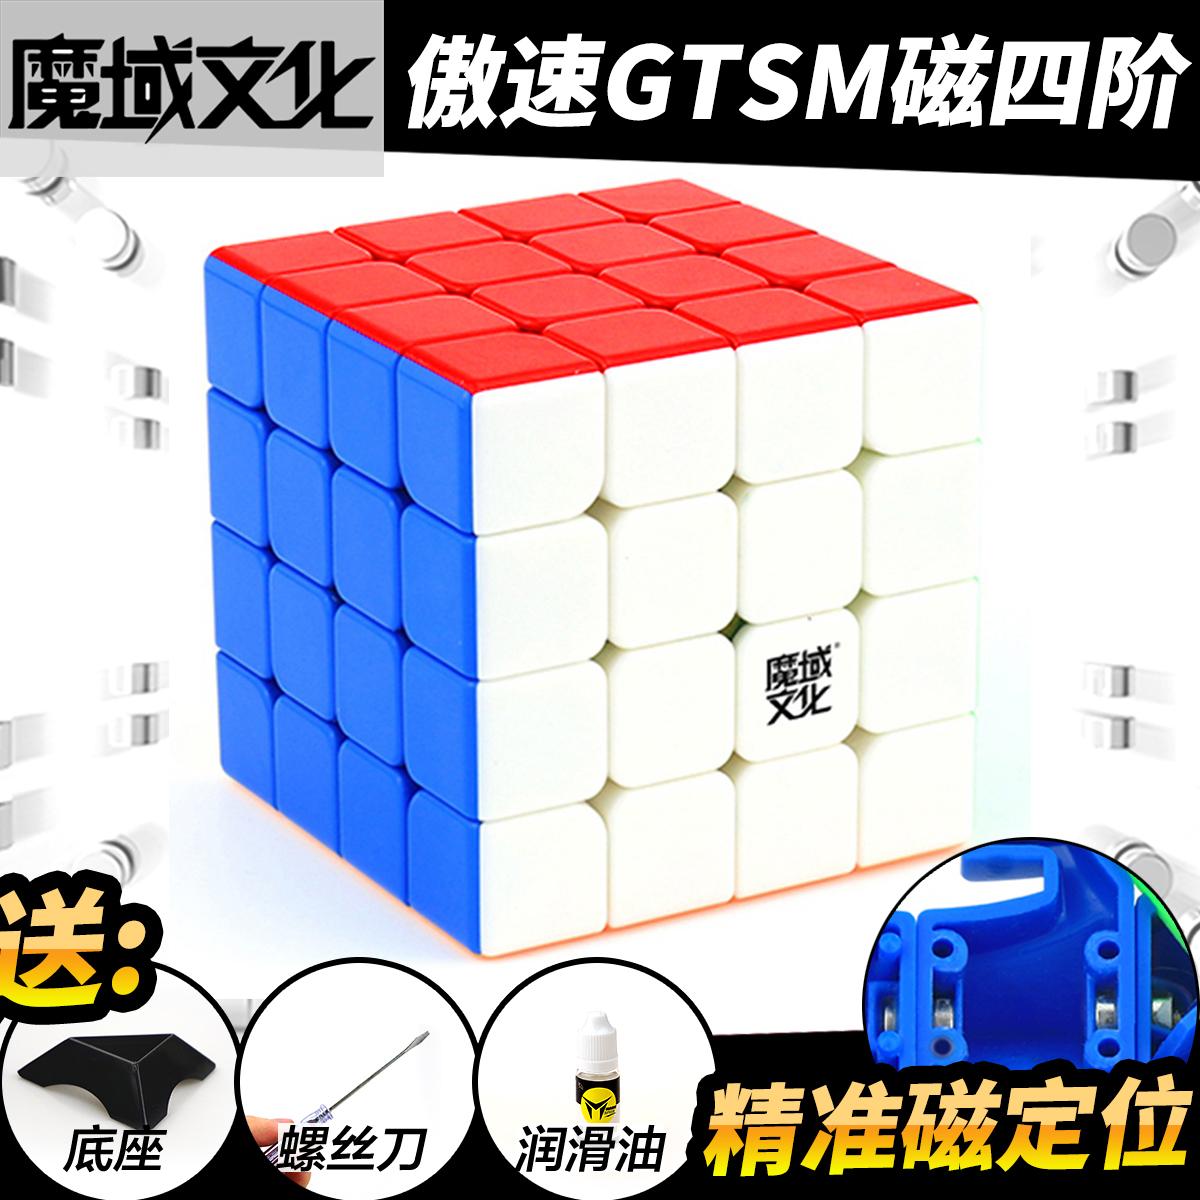 魔域文化傲速GTSM四�A磁力魔方 比��S庙�滑�速魔方玩具 4�AM